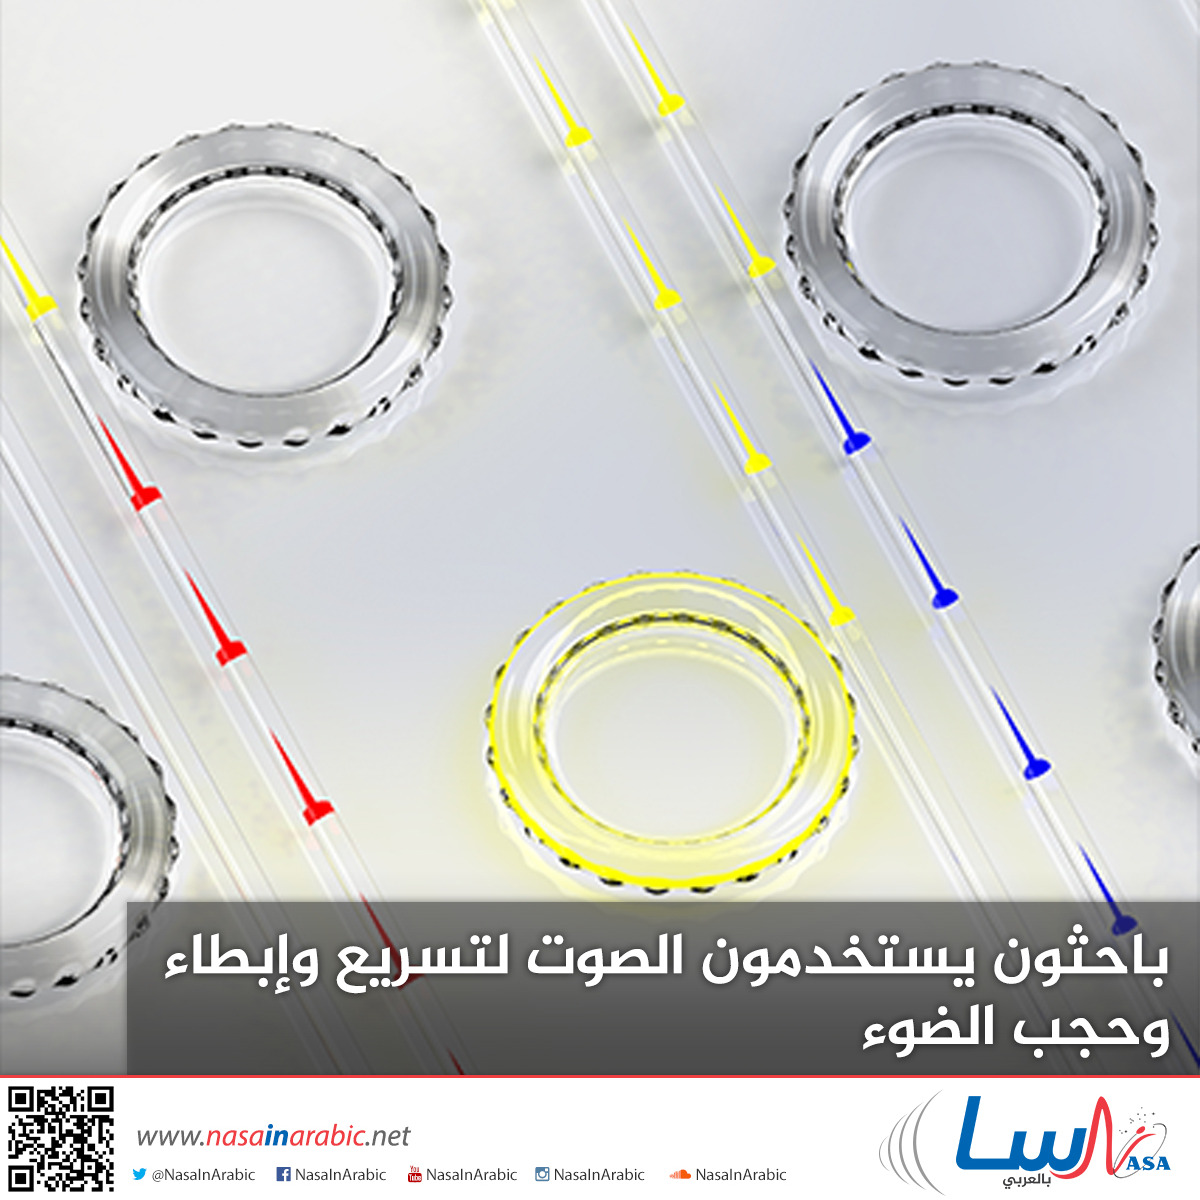 باحثون يستخدمون الصوت لتسريع وإبطاء وحجب الضوء